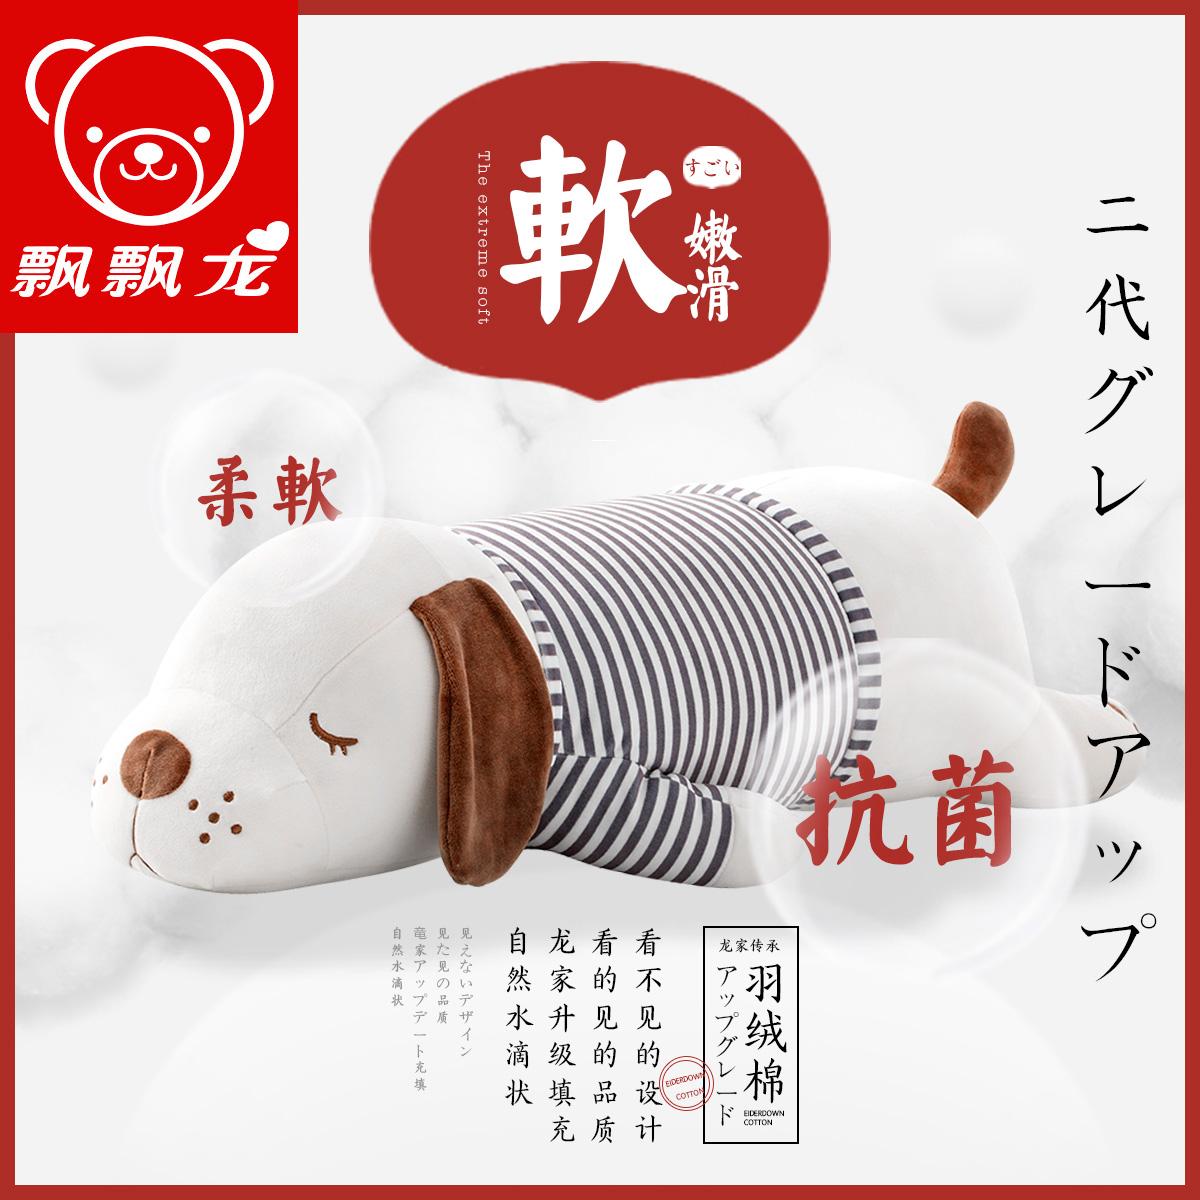 Милый соус папа собака кукла ложиться спать подушка подушка плюш игрушка куклы ткань кукла девочки день рождения подарок